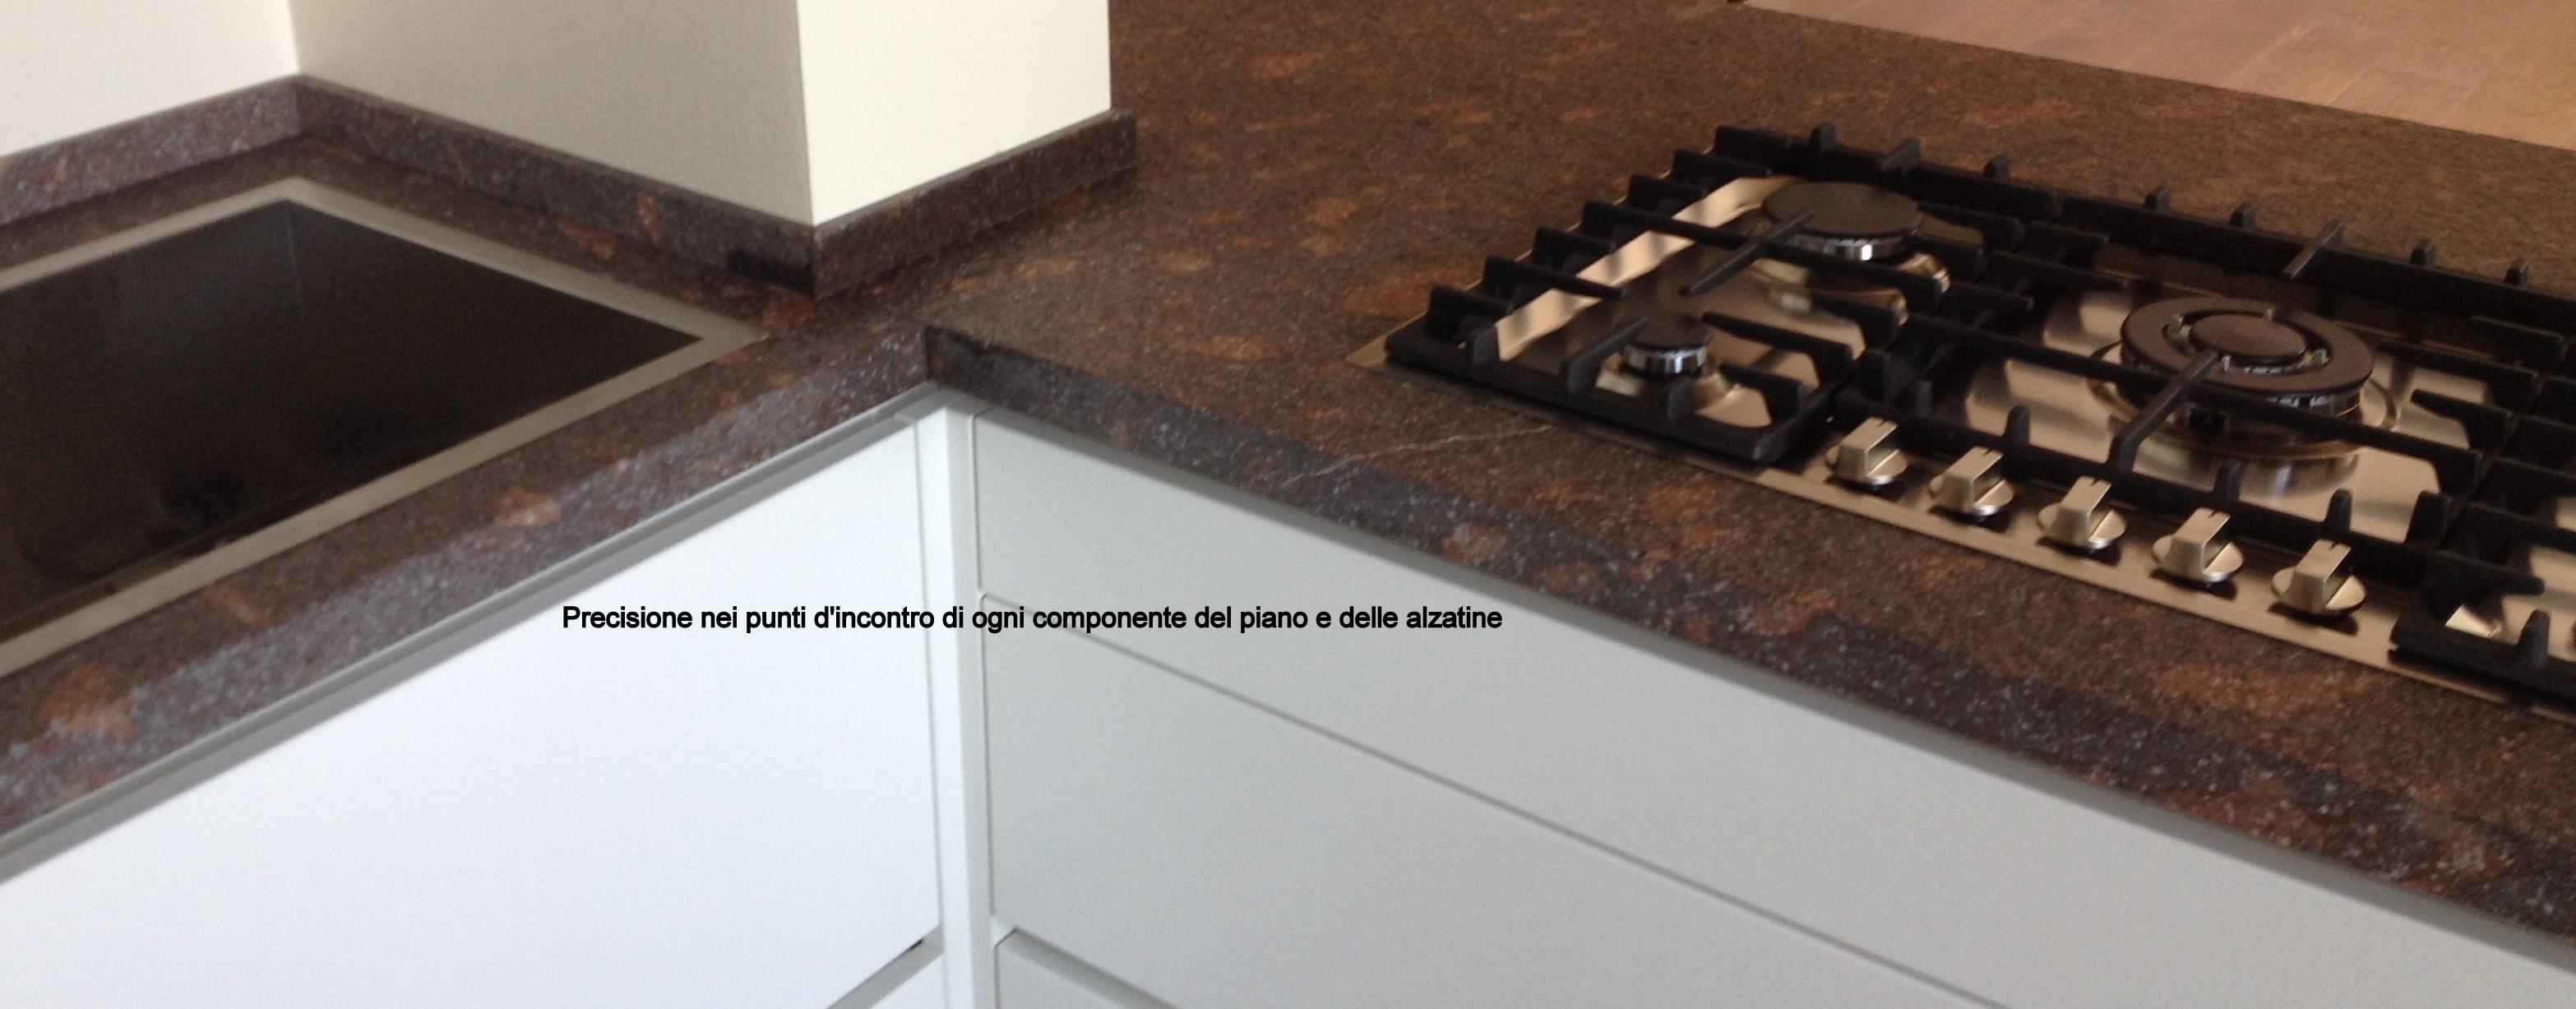 Valorizzare il Top Cucina - Lavorazioni in marmo PadovaLavorazioni in marmo Padova